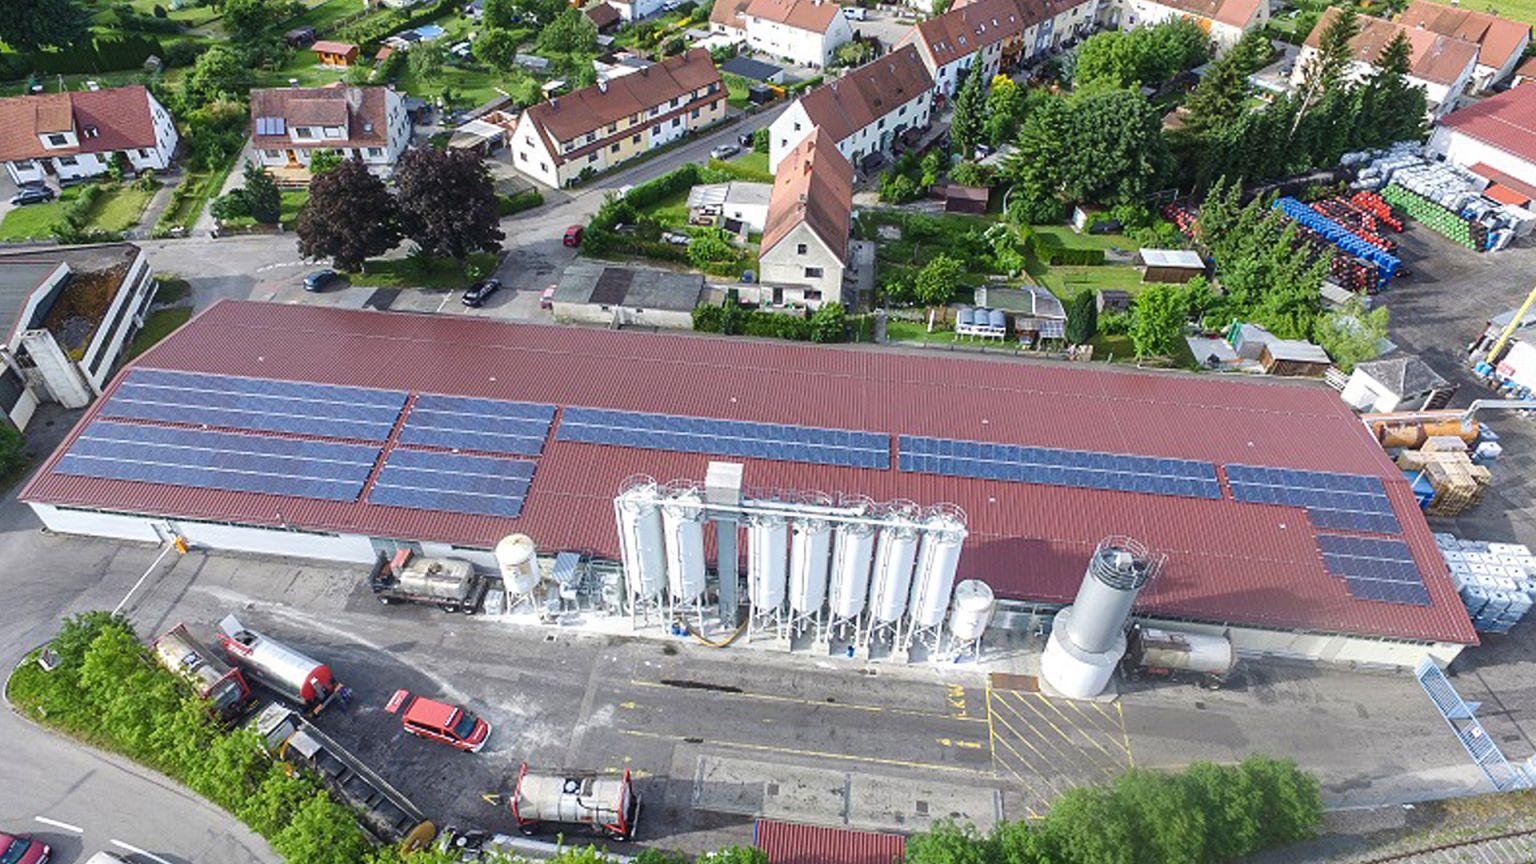 Vialit setzt auf Sonnenenergie und Wasserkraft